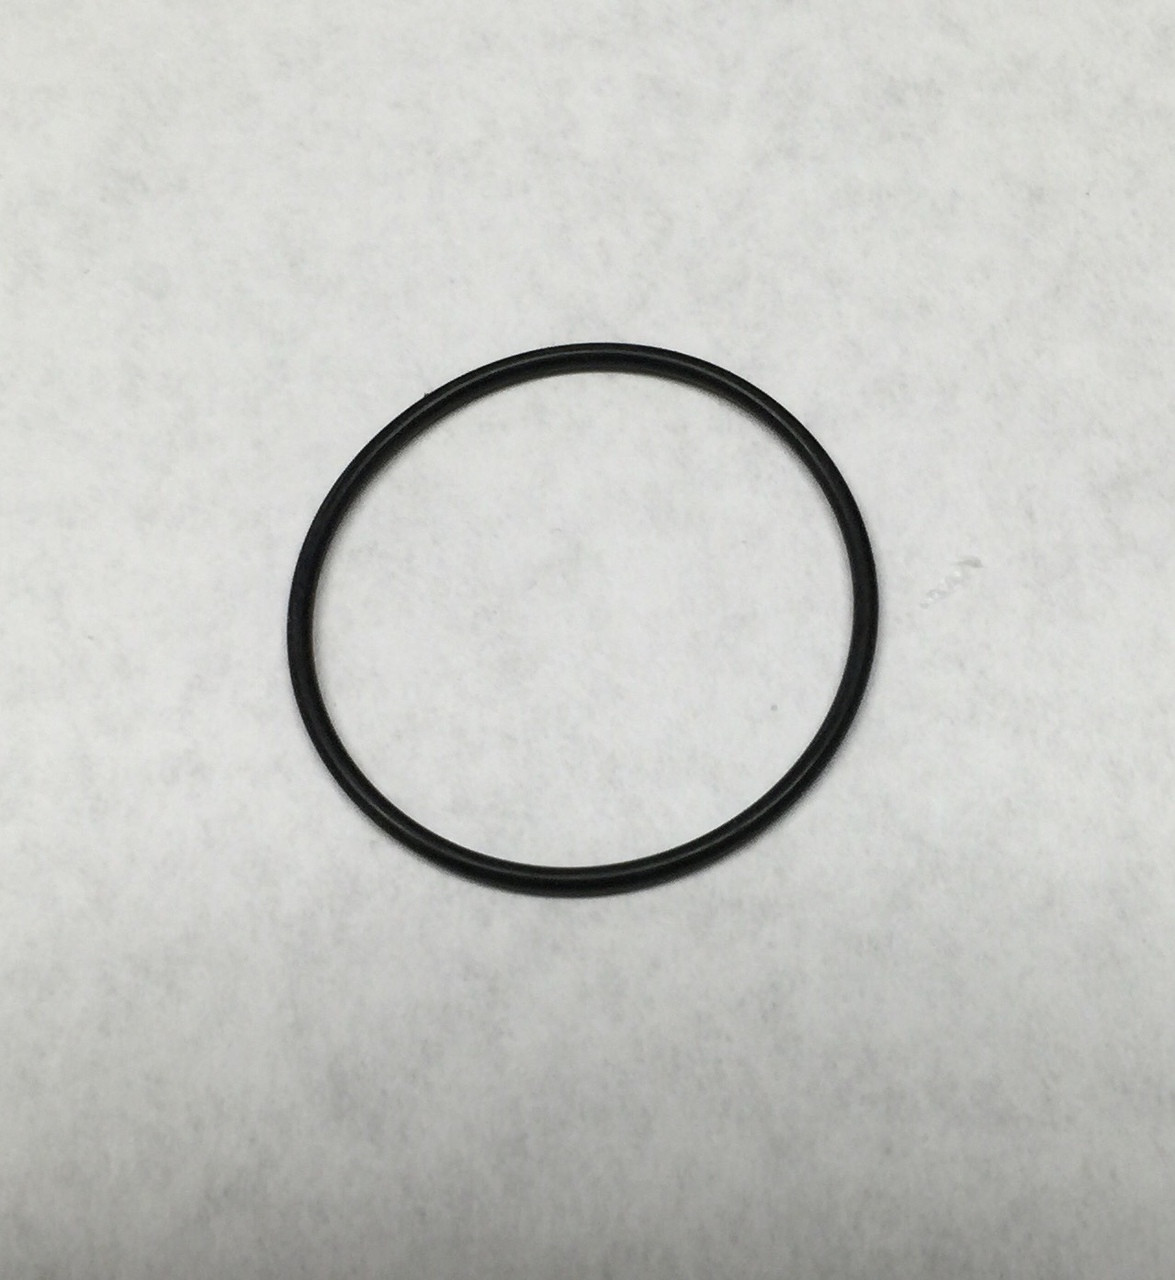 Talsa K-642 - K15e & K15v - Separator O-Ring - 2899